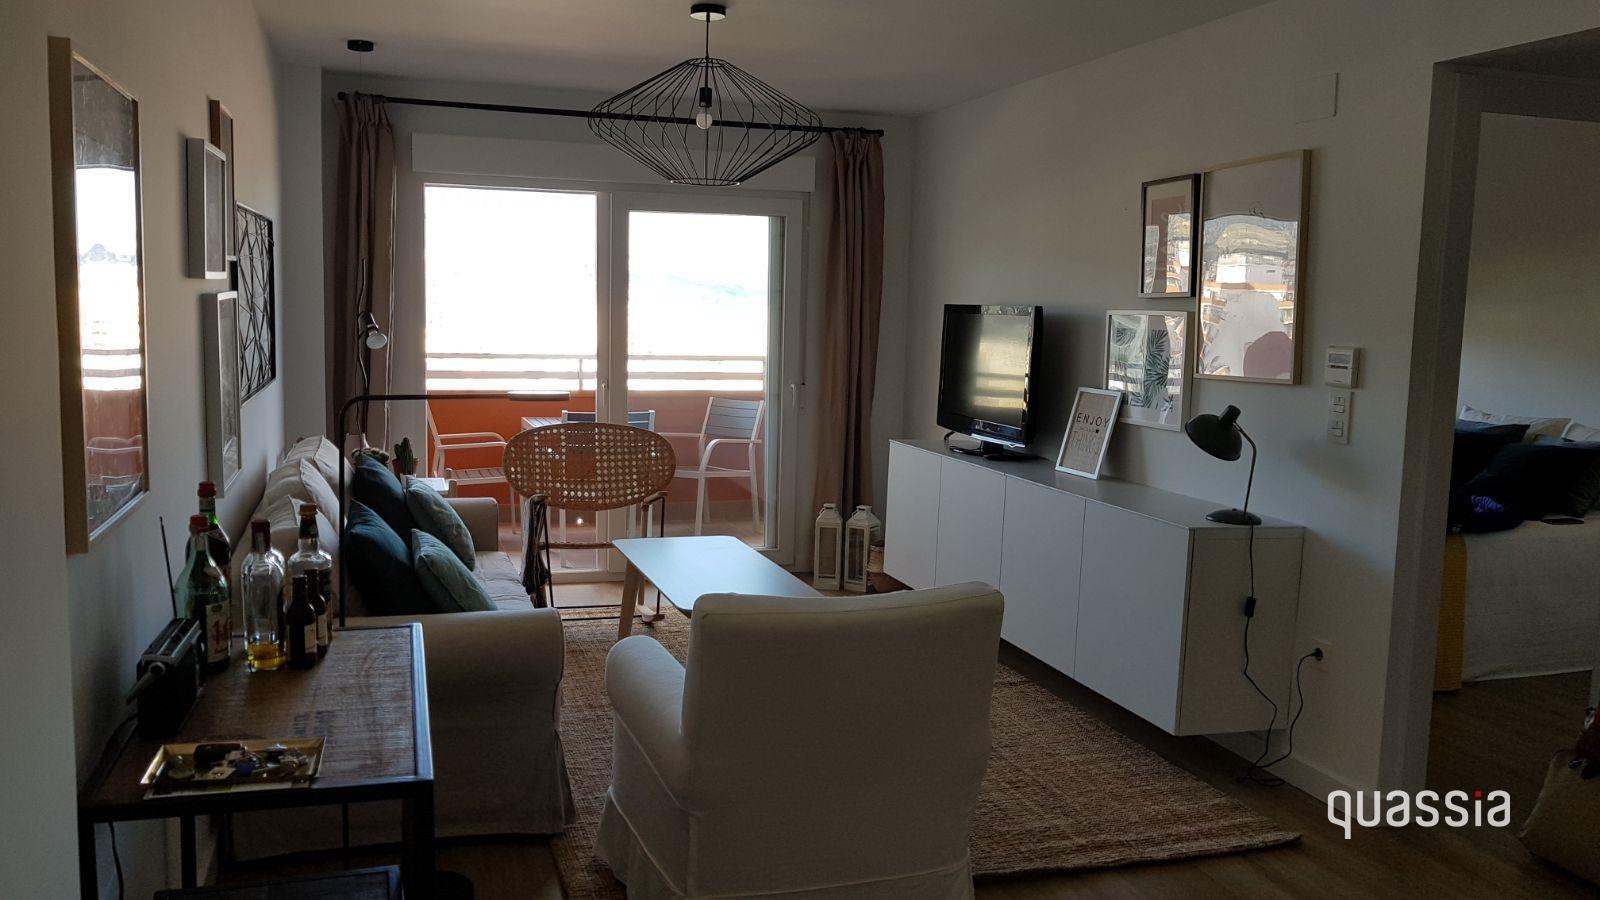 Reforma apartamento Fuengirola por Quassia (8)